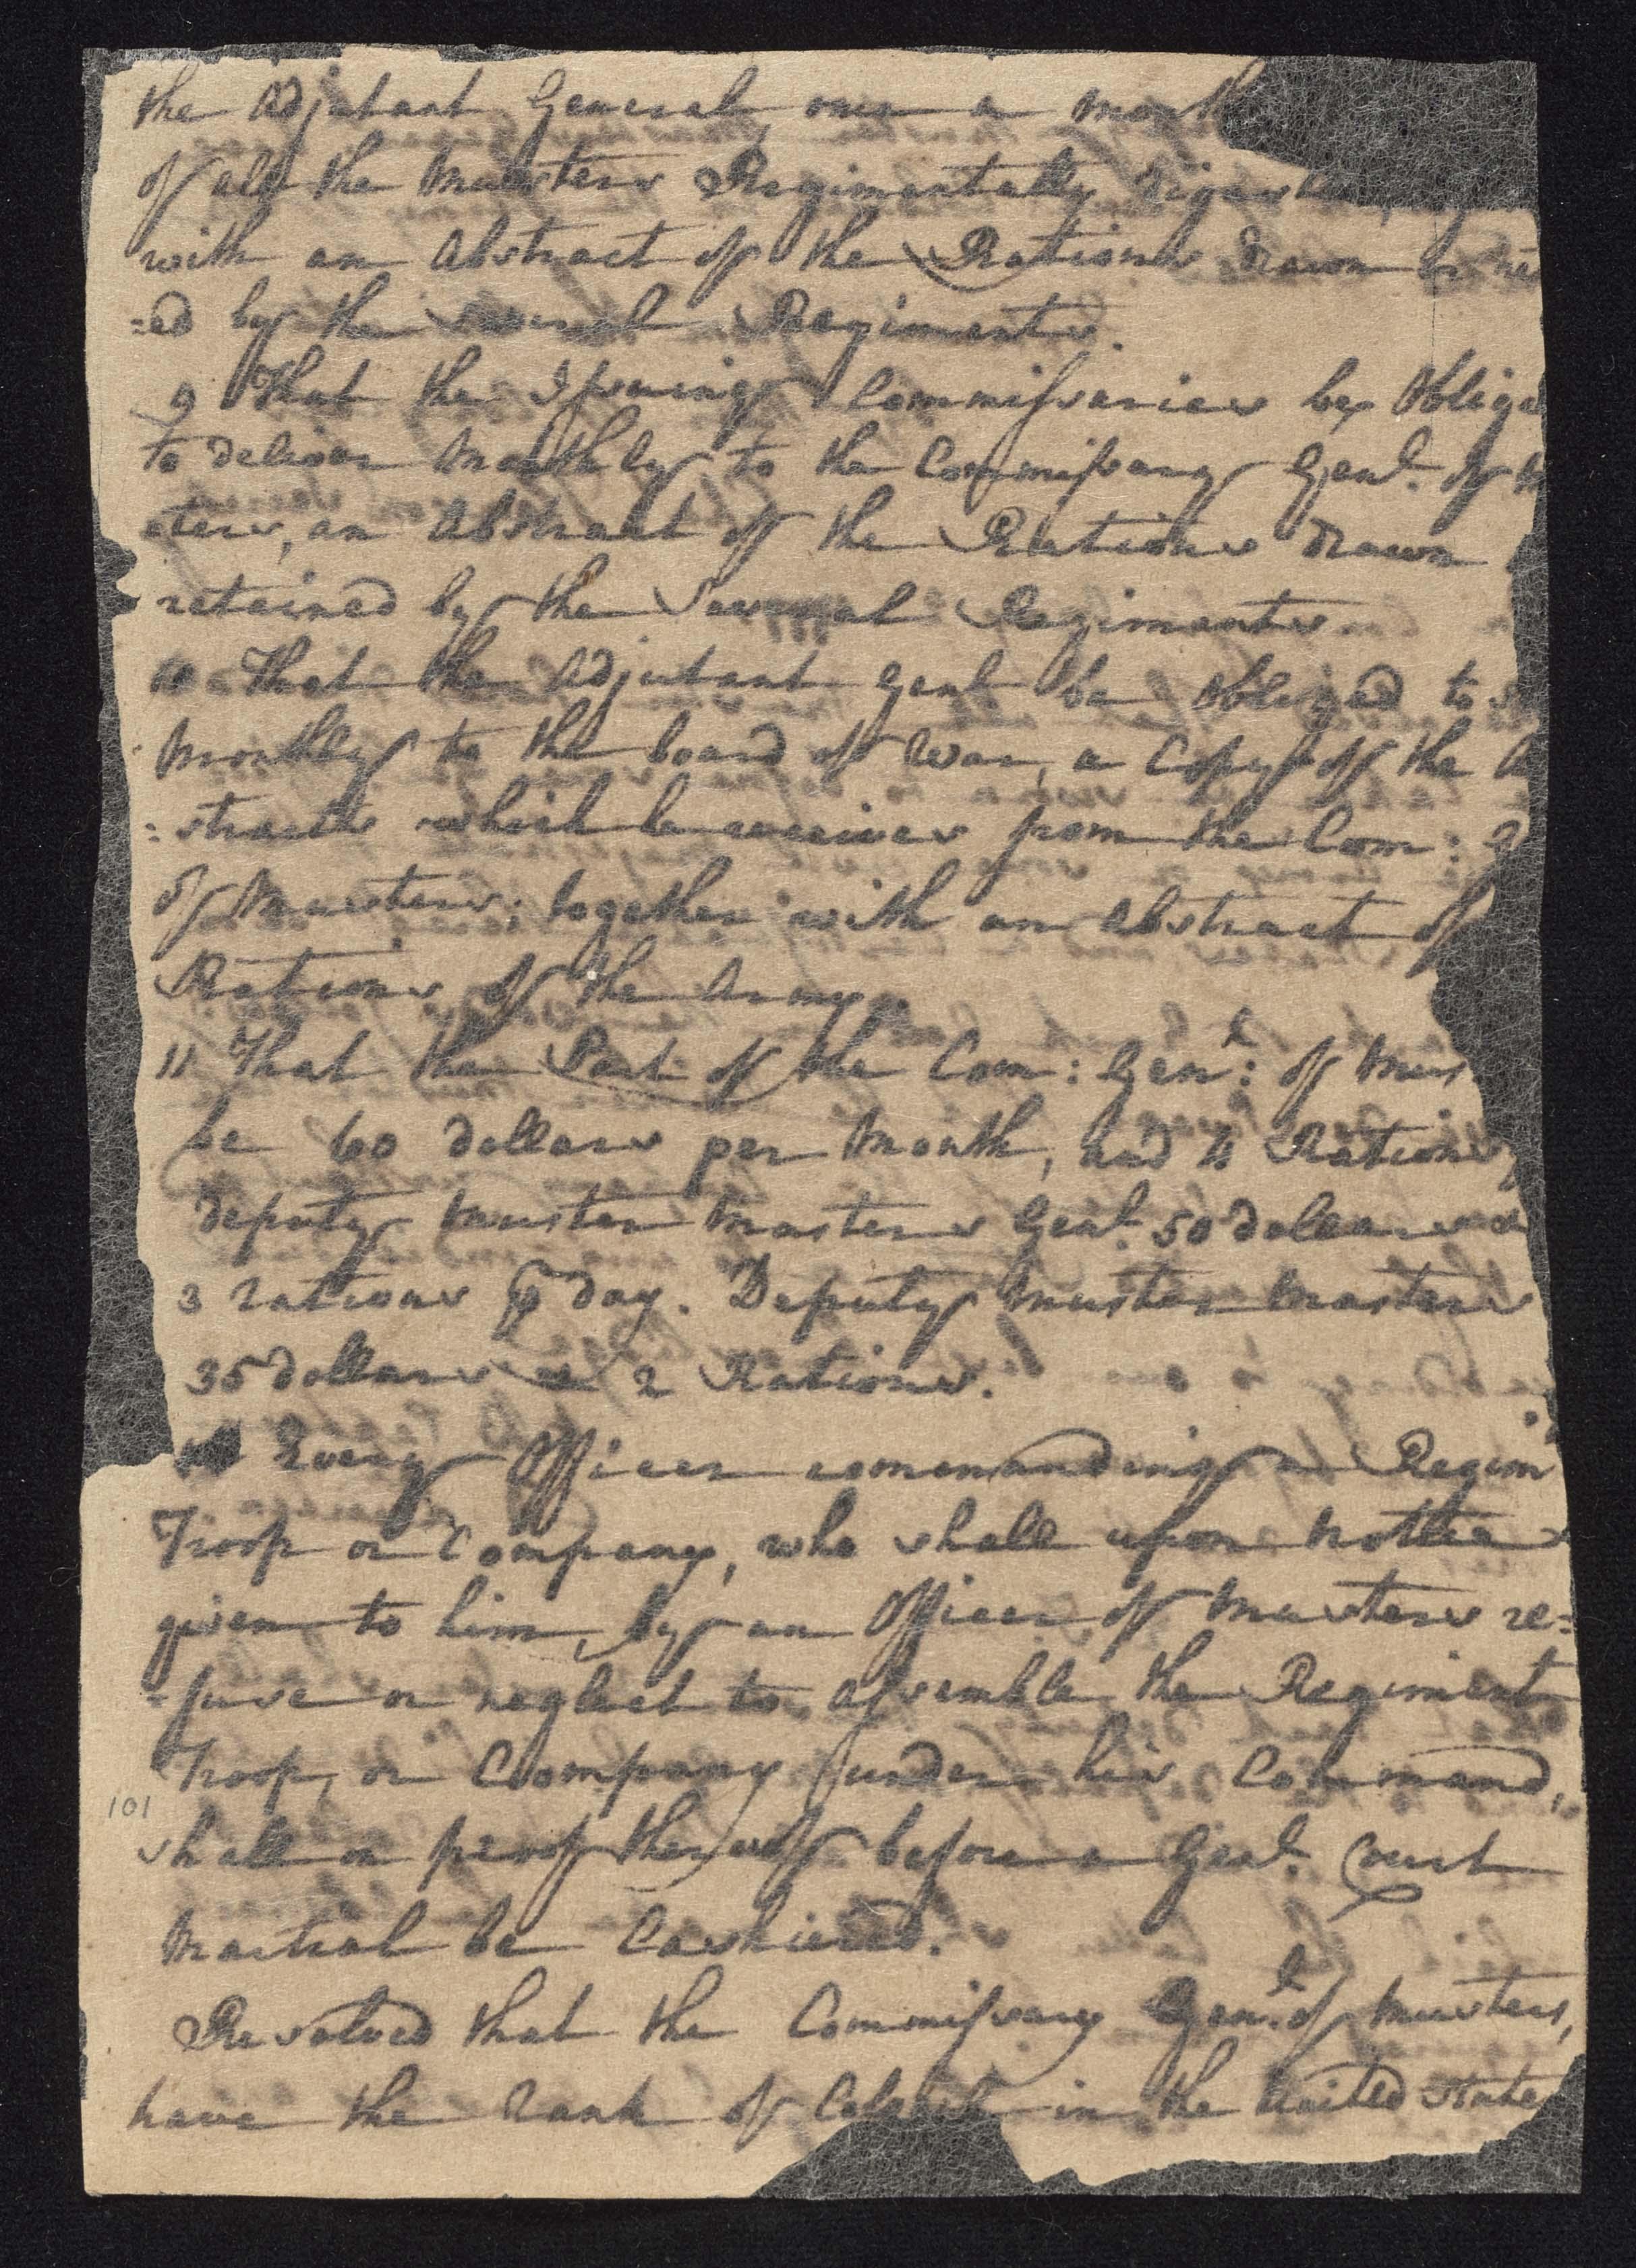 South Carolina Regiment Order Book, Page 201